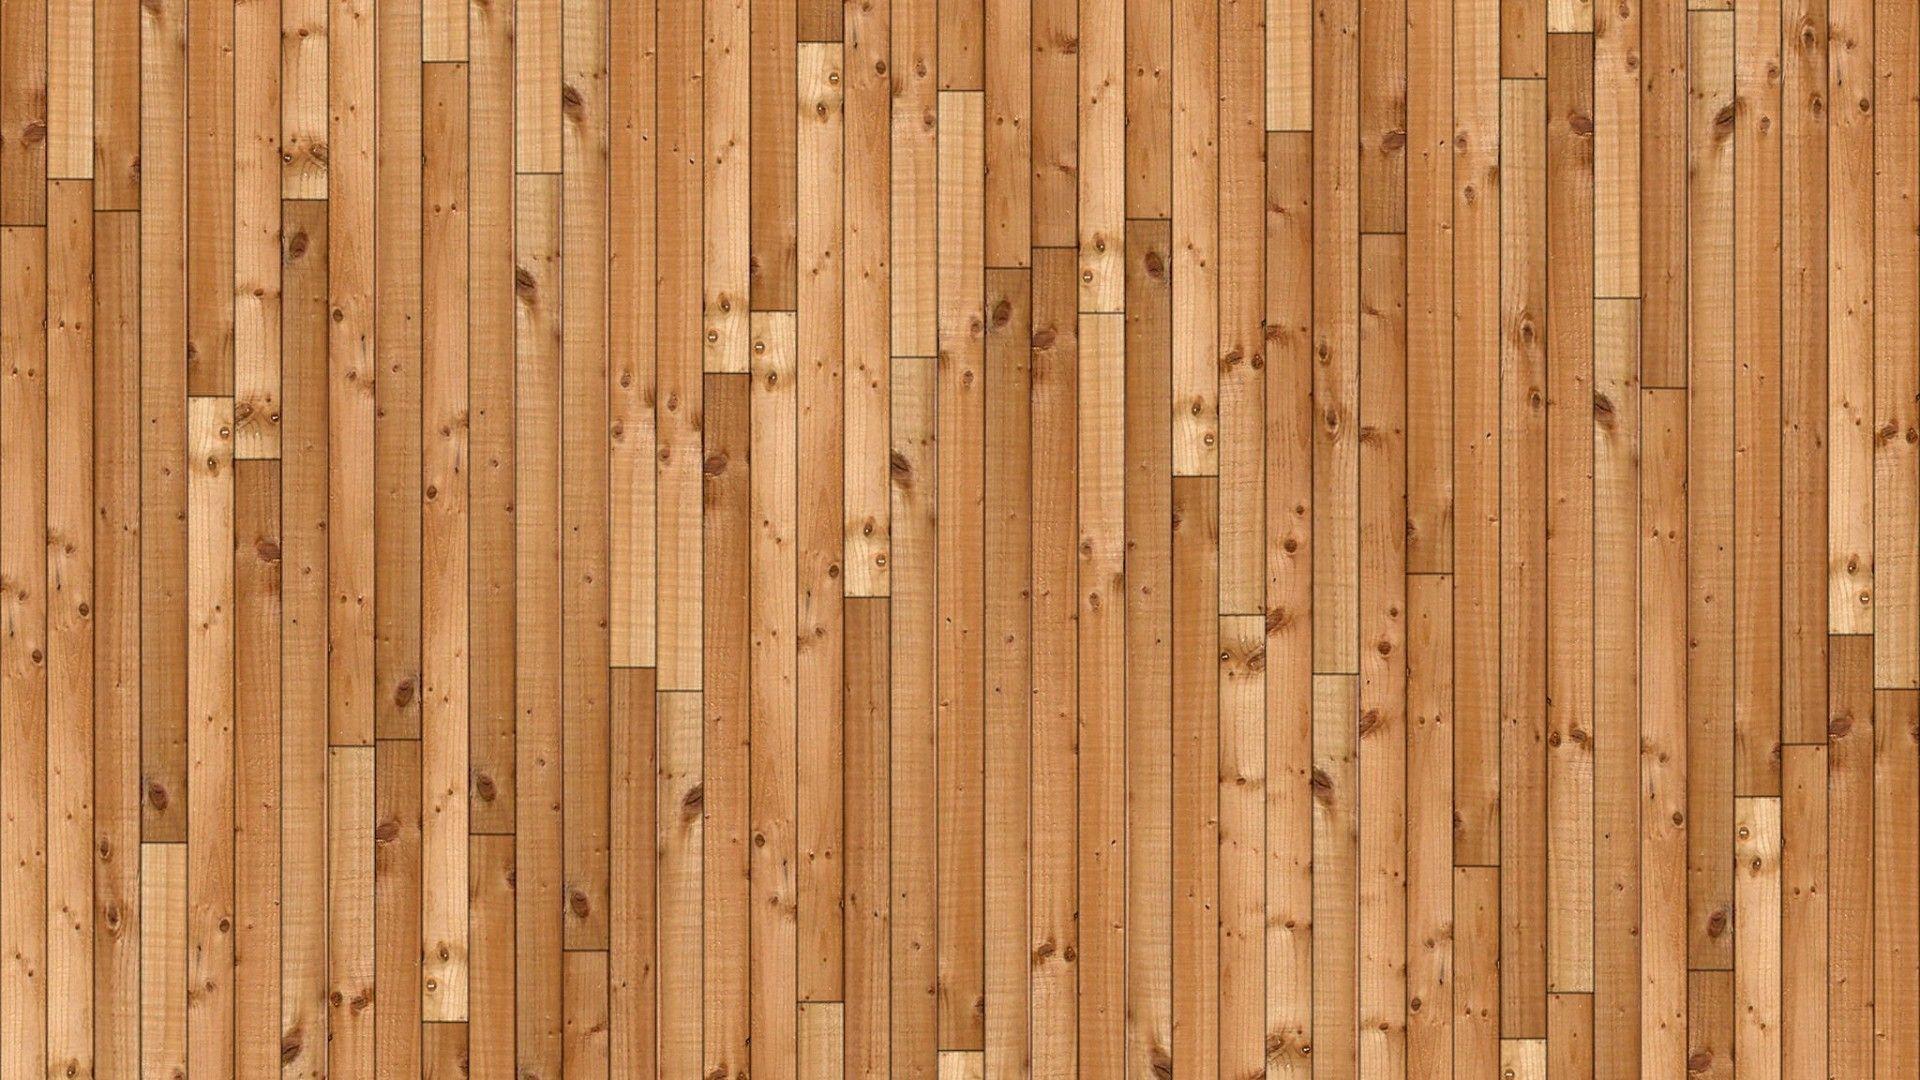 Wood Desktop Wallpaper Hd Pics Kb By Seward Allford 1920 1080 Wood Desk Wallpapers 38 Wallpapers Adorable Wallpapers Wood Wallpaper Wooden Wallpaper Wood